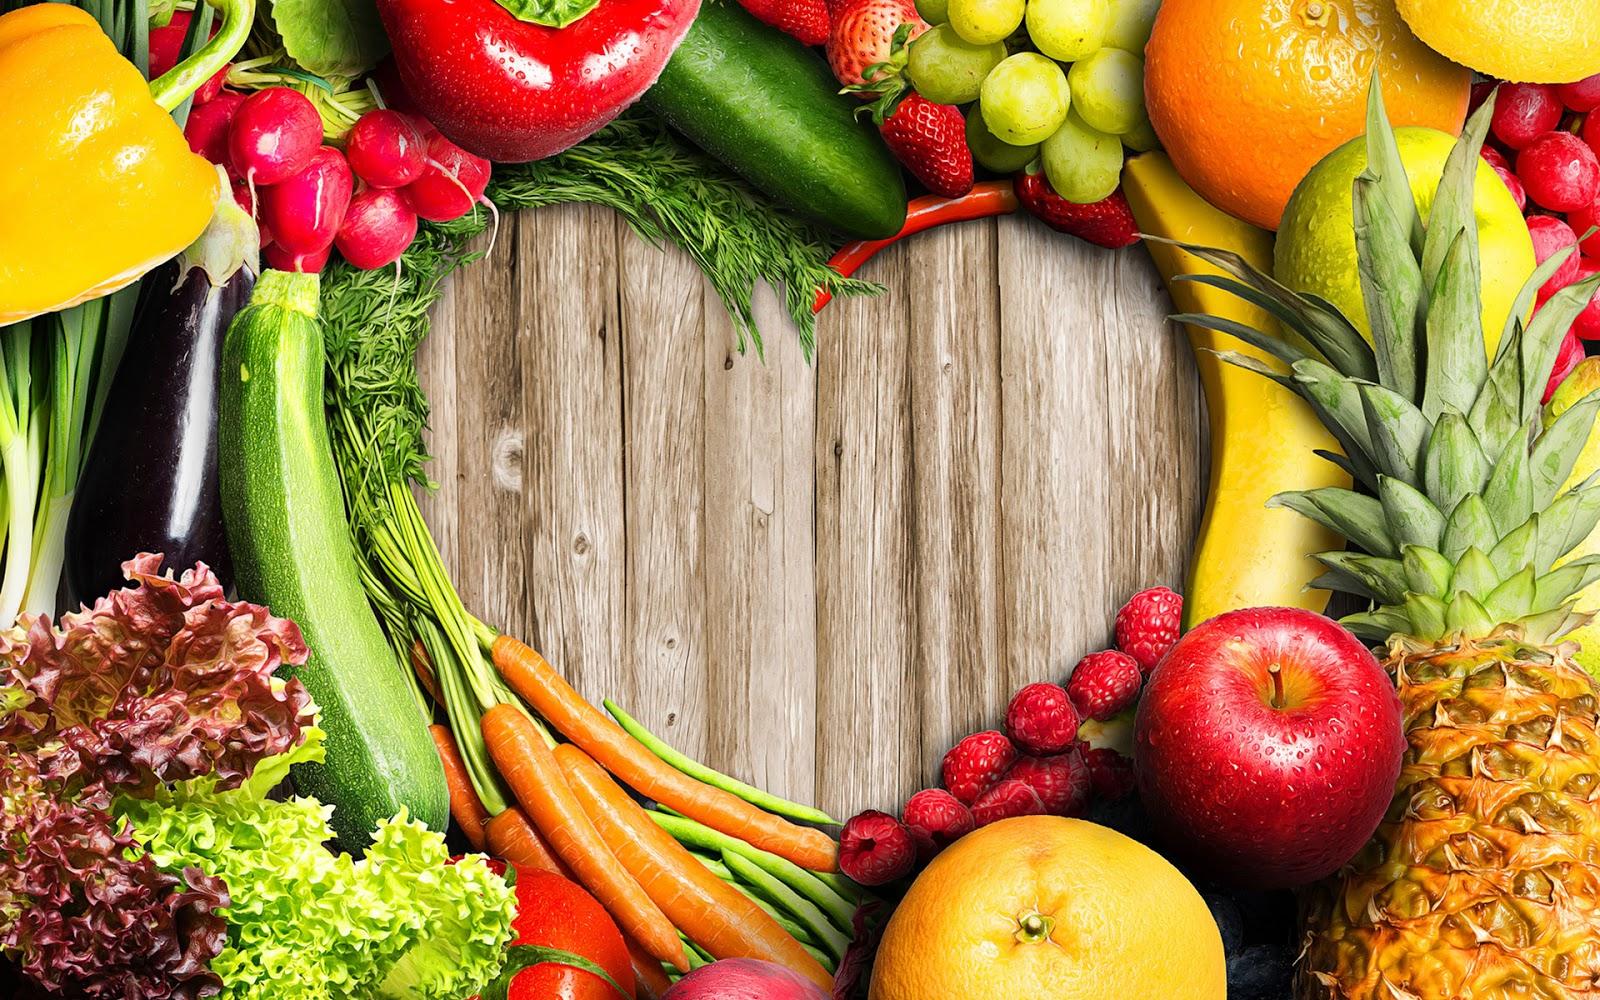 картинки еды овощи фрукты это